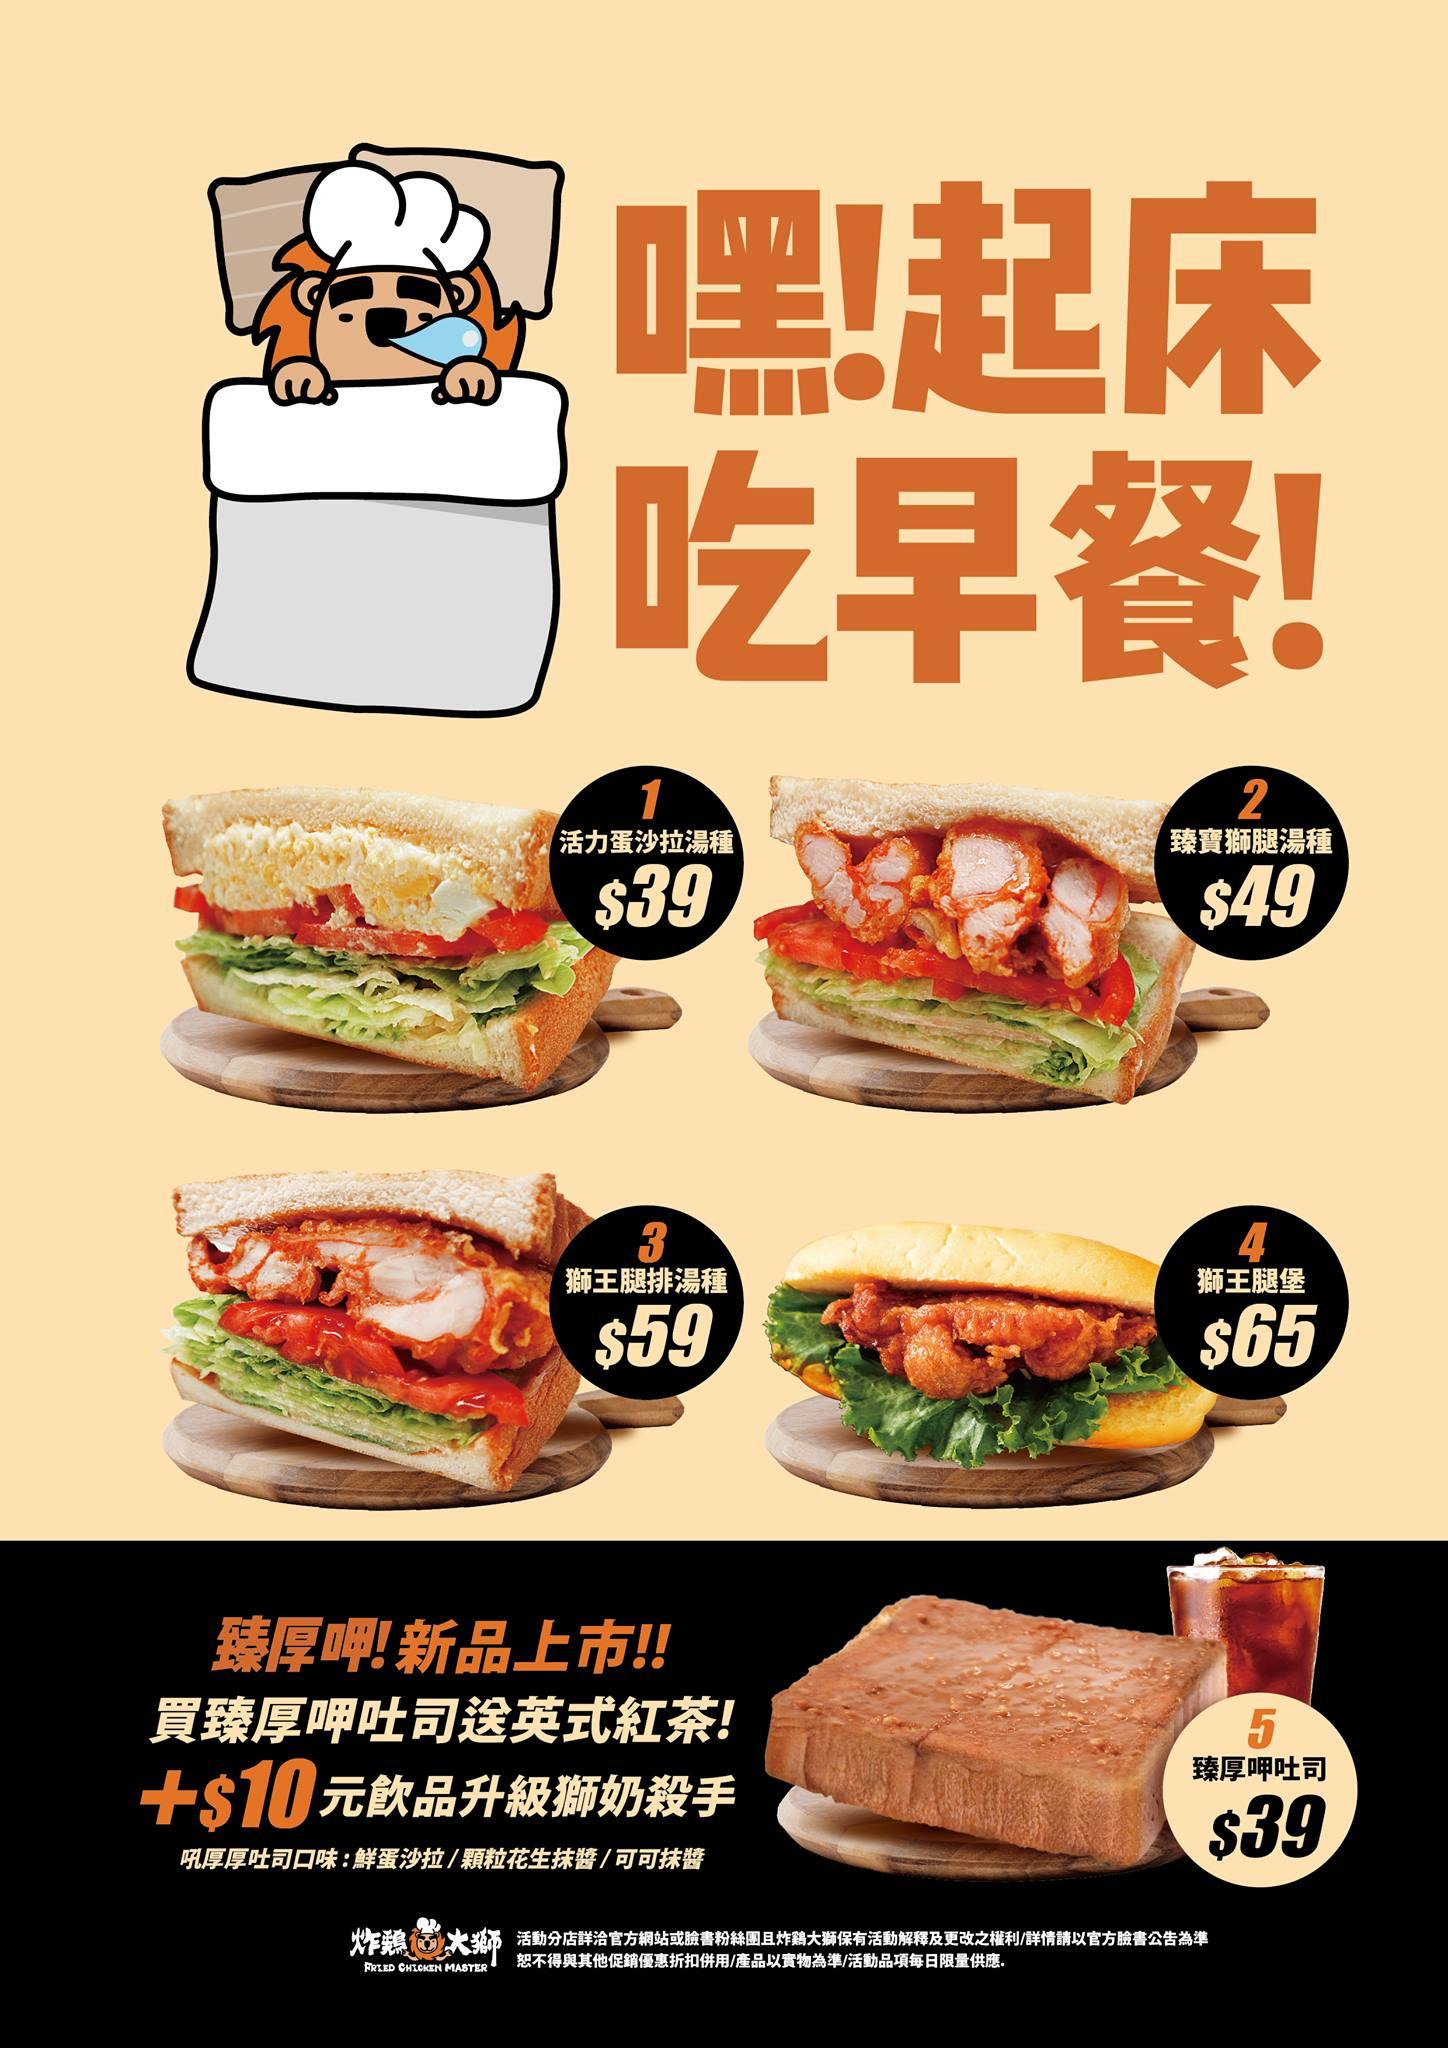 炸鷄大獅車站店早餐菜單MENU